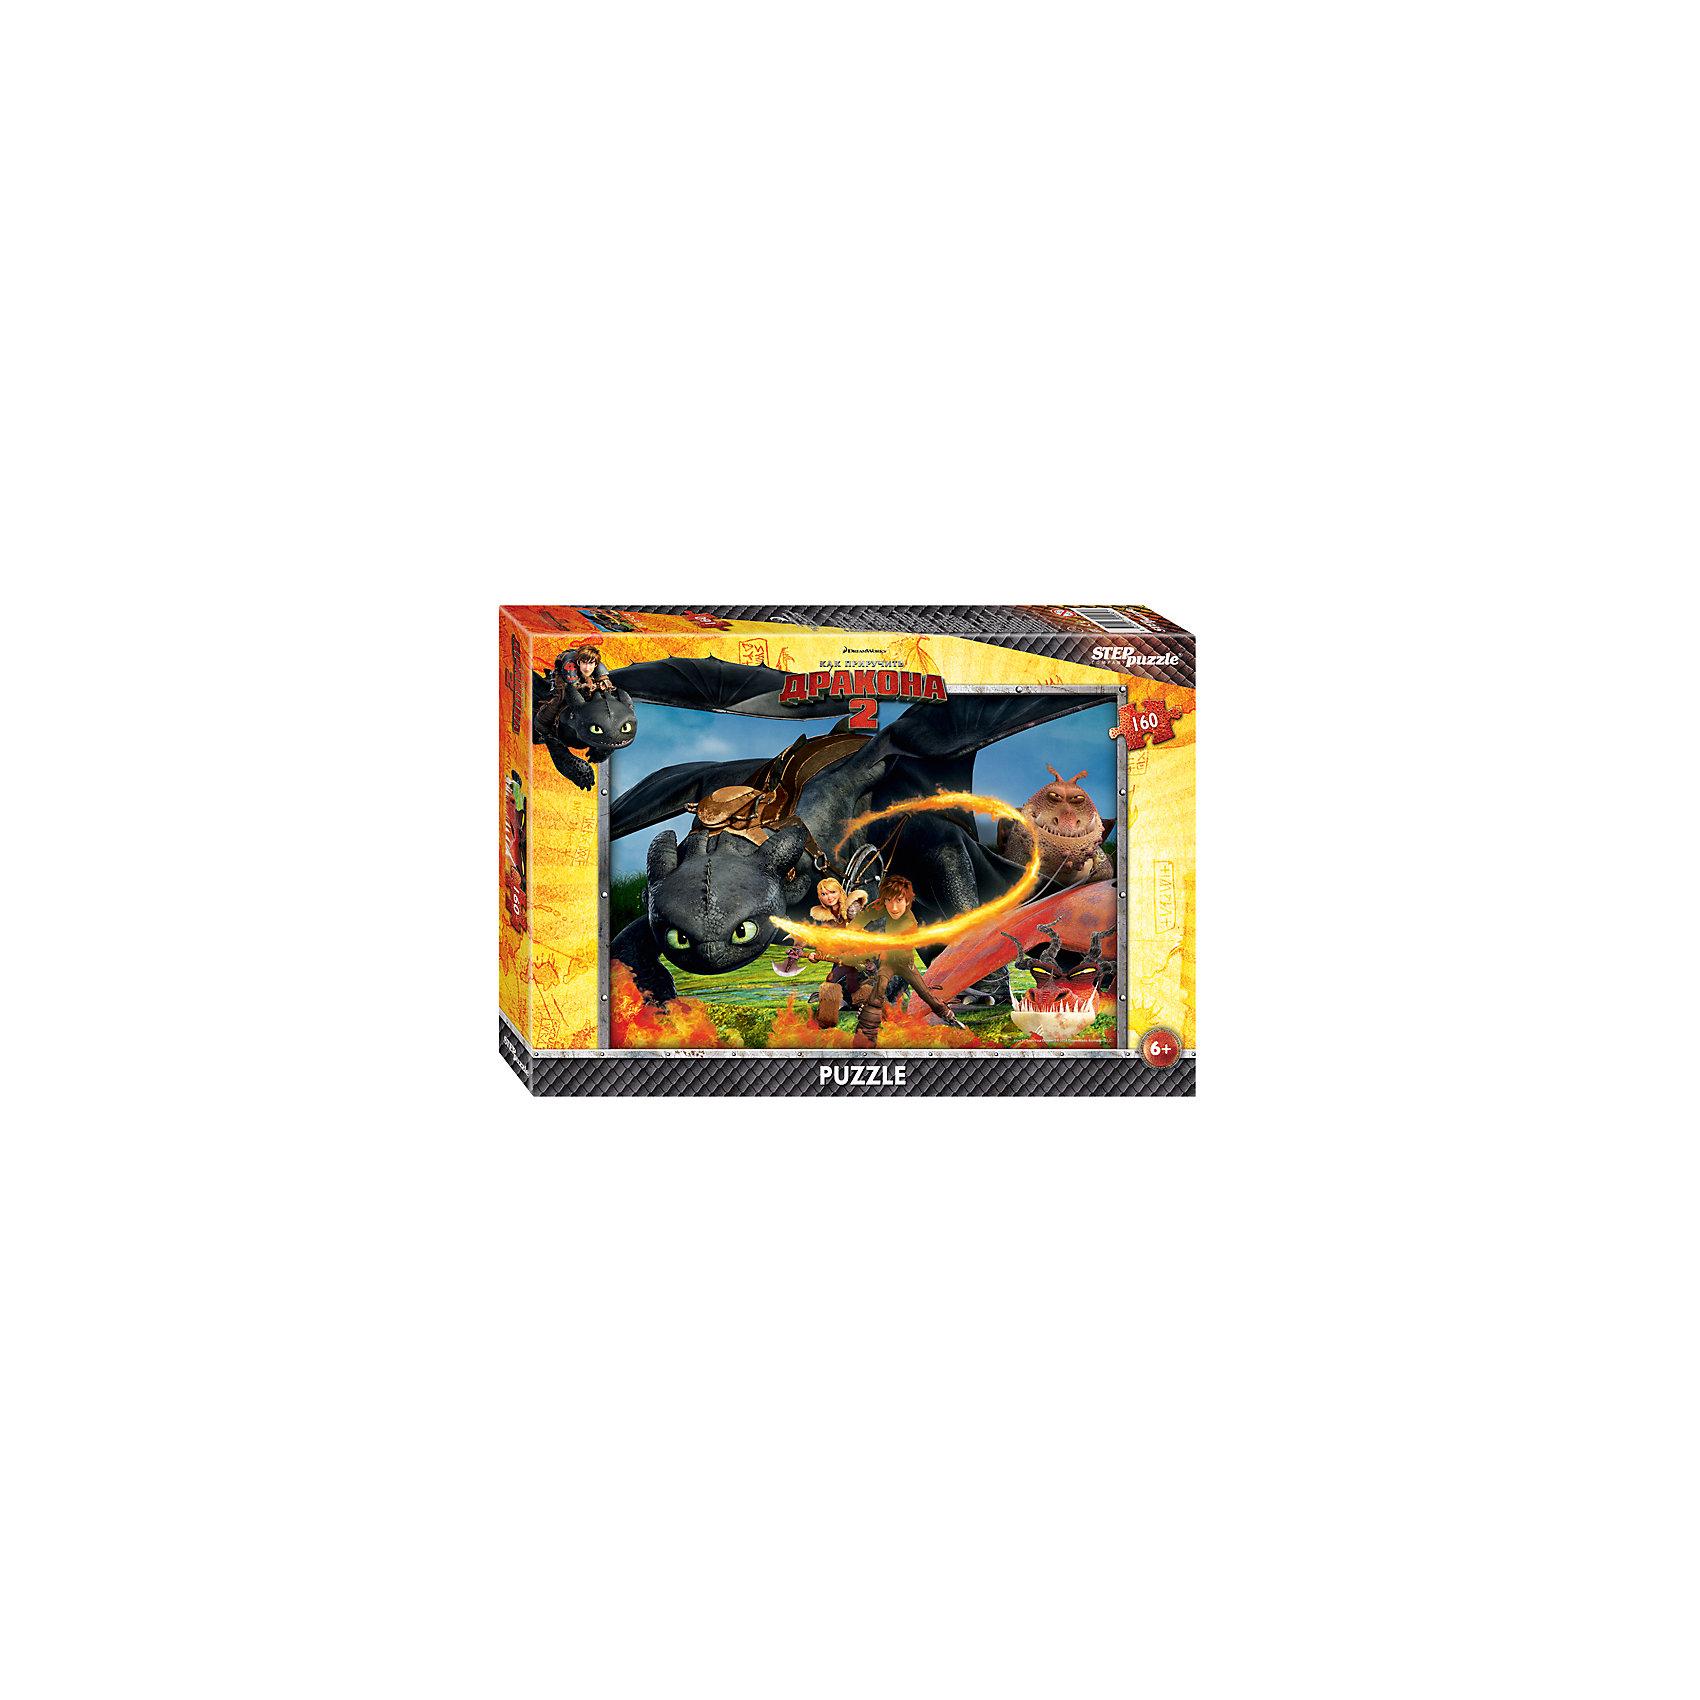 Пазл Как приручить дракона-2, 160 детелей, Step PuzzleКлассические пазлы<br>Пазл Как приручить дракона-2, 160 деталей, Step Puzzle (Степ Пазл) – это замечательный красочный пазл с изображением любимых героев.<br>Погрузитесь в мир головокружительных приключений вместе с героями мультфильма DreamWorks «Как приручить дракона 2» Прошло пять лет с тех пор как викинги и драконы примирились. Ни что не нарушает спокойную жизнь на острове Олух. Ребята соревнуются в драконьих гонках. Иккинг и Беззубик путешествуют по небу и составляют карту неизвестных мест. Но их мирной жизни приходит конец. Новый могущественный враг надвигается на остров. Викингам и драконам предстоит пережить много опасных приключений и сразиться за мир. Подарите ребенку чудесный пазл Как приручить дракона-2, и он будет увлеченно подбирать детали, пока не составит яркую и интересную картинку, на которой изображены герои анимационного фильма. Сборка пазла Как приручить дракона-2 от Step Puzzle (Степ Пазл) подарит Вашему ребенку не только множество увлекательных вечеров, но и принесет пользу для развития. Координация, моторика, внимательность легко тренируются, пока ребенок увлеченно подбирает детали. Качественные фрагменты пазла отлично проклеены и идеально подходят один к другому, поэтому сборка пазла обеспечит малышу только положительные эмоции. Вы будете использовать этот пазл не один год, ведь благодаря качественной нарезке детали не расслаиваются даже после многократного использования.<br><br>Дополнительная информация:<br><br>- Количество деталей: 160<br>- Материал: картон<br>- Размер собранной картинки: 34,5х24 см.<br>- Отличная проклейка<br>- Долгий срок службы<br>- Детали идеально подходят друг другу<br>- Яркий сюжет<br>- Упаковка: картонная коробка<br>- Размер упаковки: 280x40x195 мм.<br>- Вес: 400 гр.<br><br>Пазл Как приручить дракона-2, 160 деталей, Step Puzzle (Степ Пазл) можно купить в нашем интернет-магазине.<br><br>Ширина мм: 280<br>Глубина мм: 40<br>Высота мм: 195<br>Вес г: 400<br>Возраст от